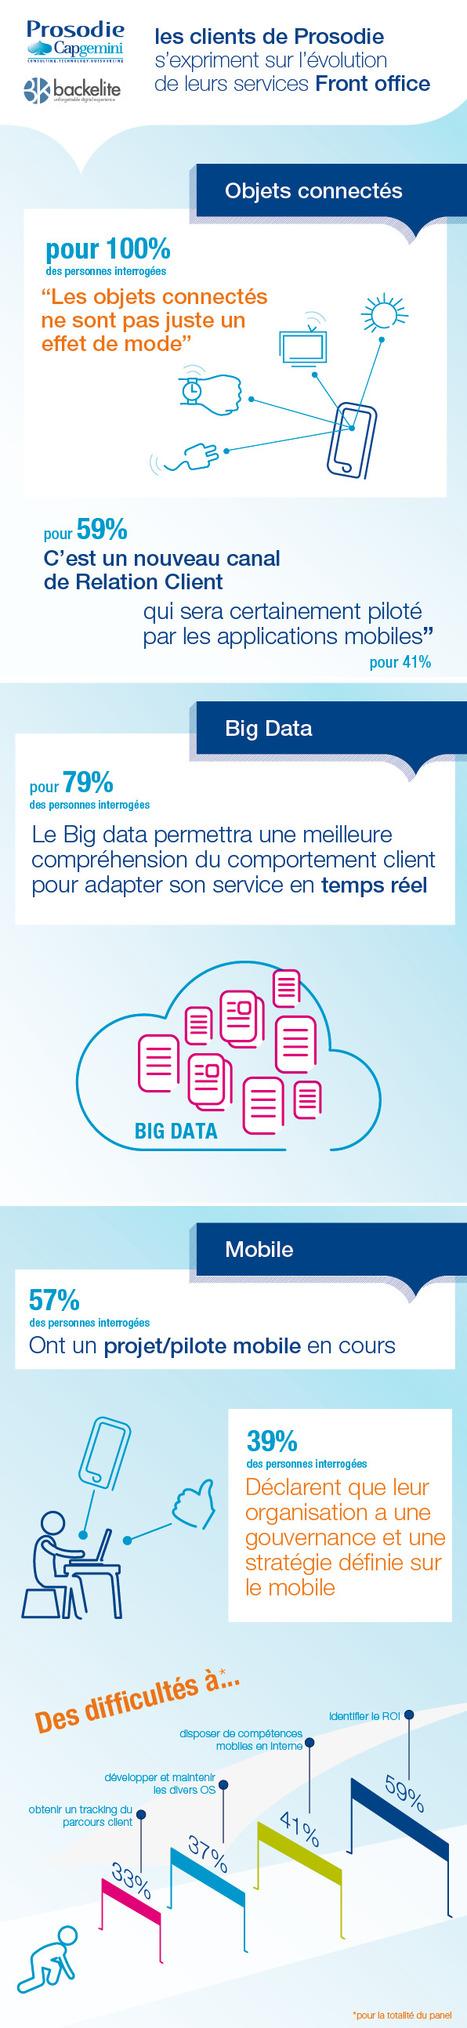 Objets connectés et Big Data   CRM Stuff   Scoop.it